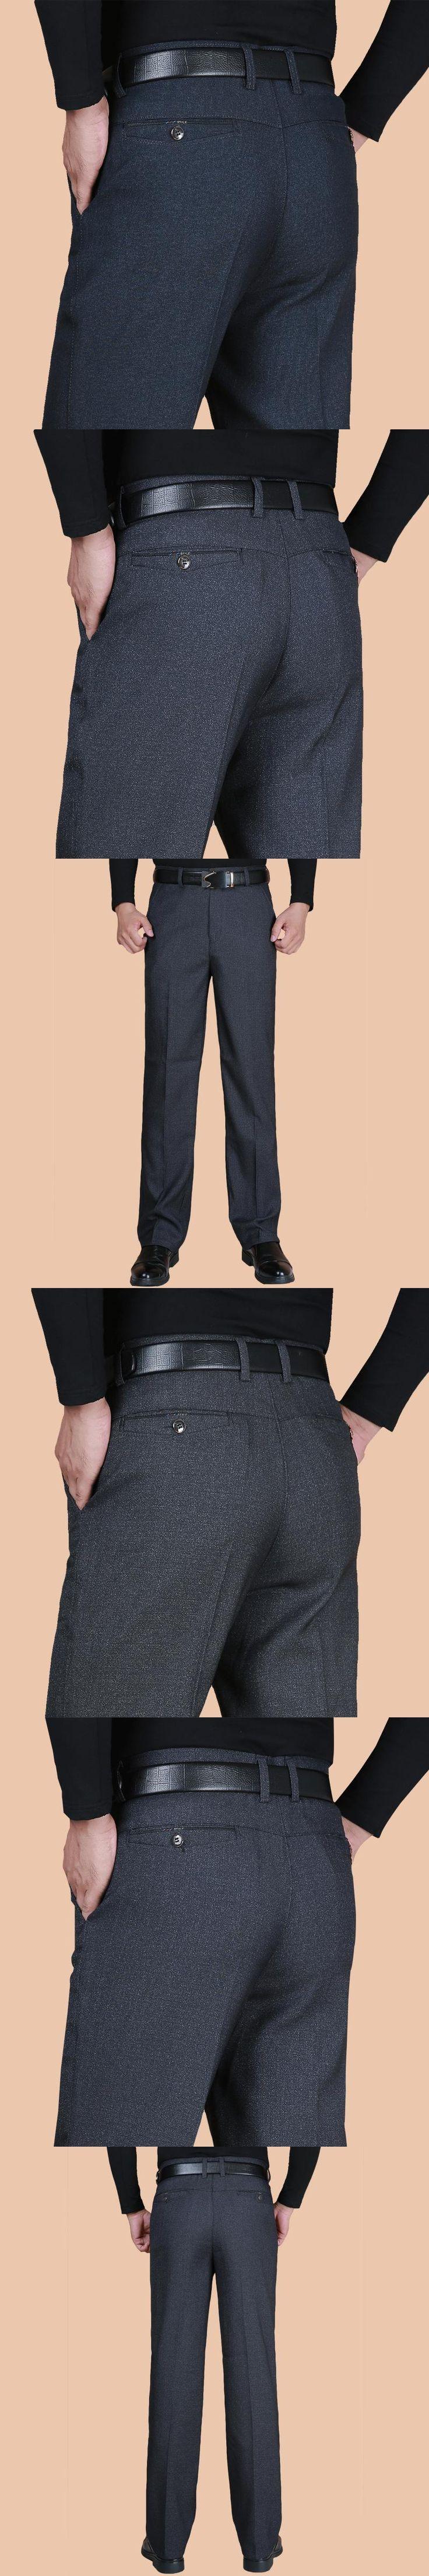 Fashion Men Dress Pants Spring Autumn Classic Business Plus Size 20-40 Casual Straight Trousers Suit Pants Men Pantalon Hombre